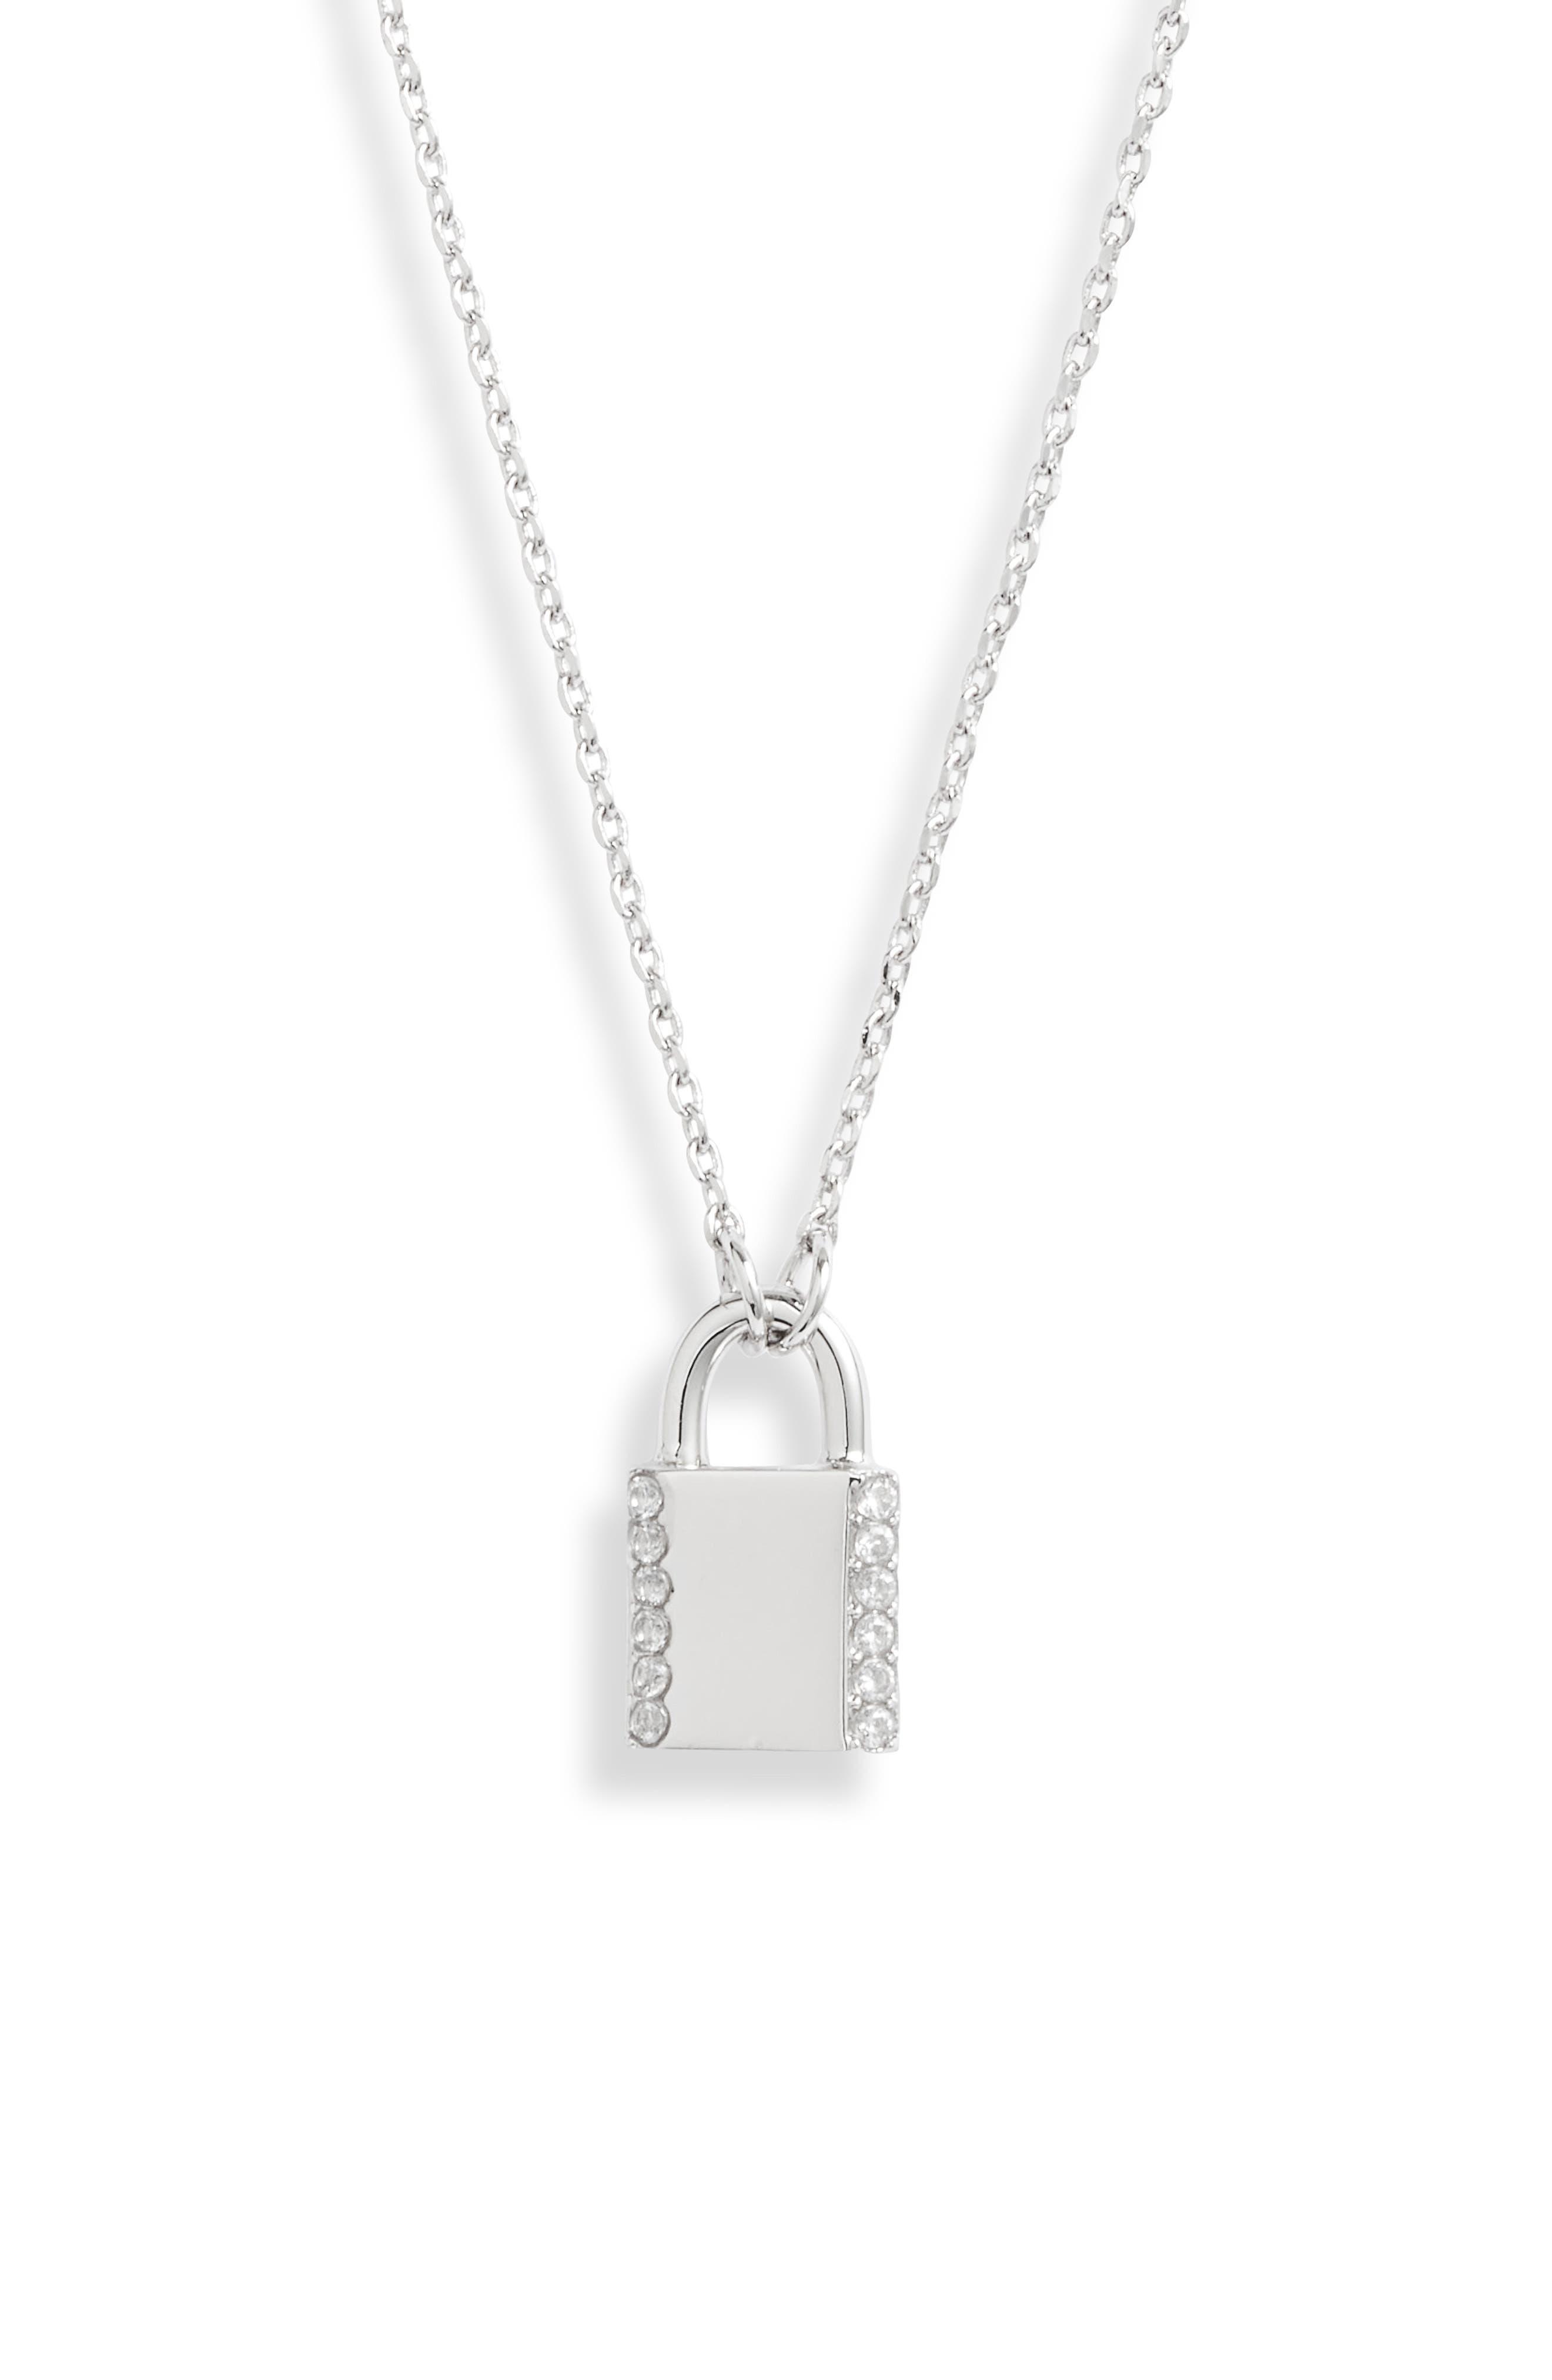 Kate Spade New York Jewelry pavé lock mini pendant necklace